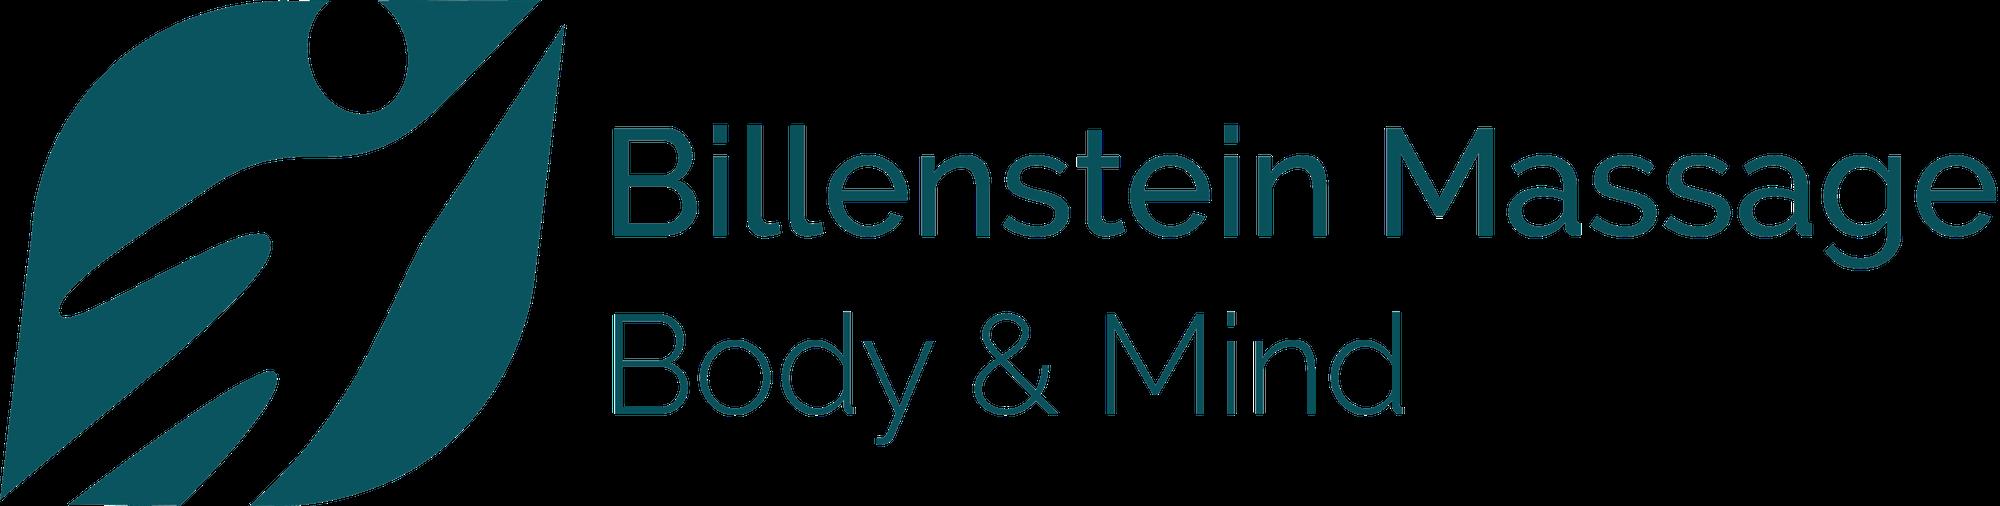 Billenstein Massage